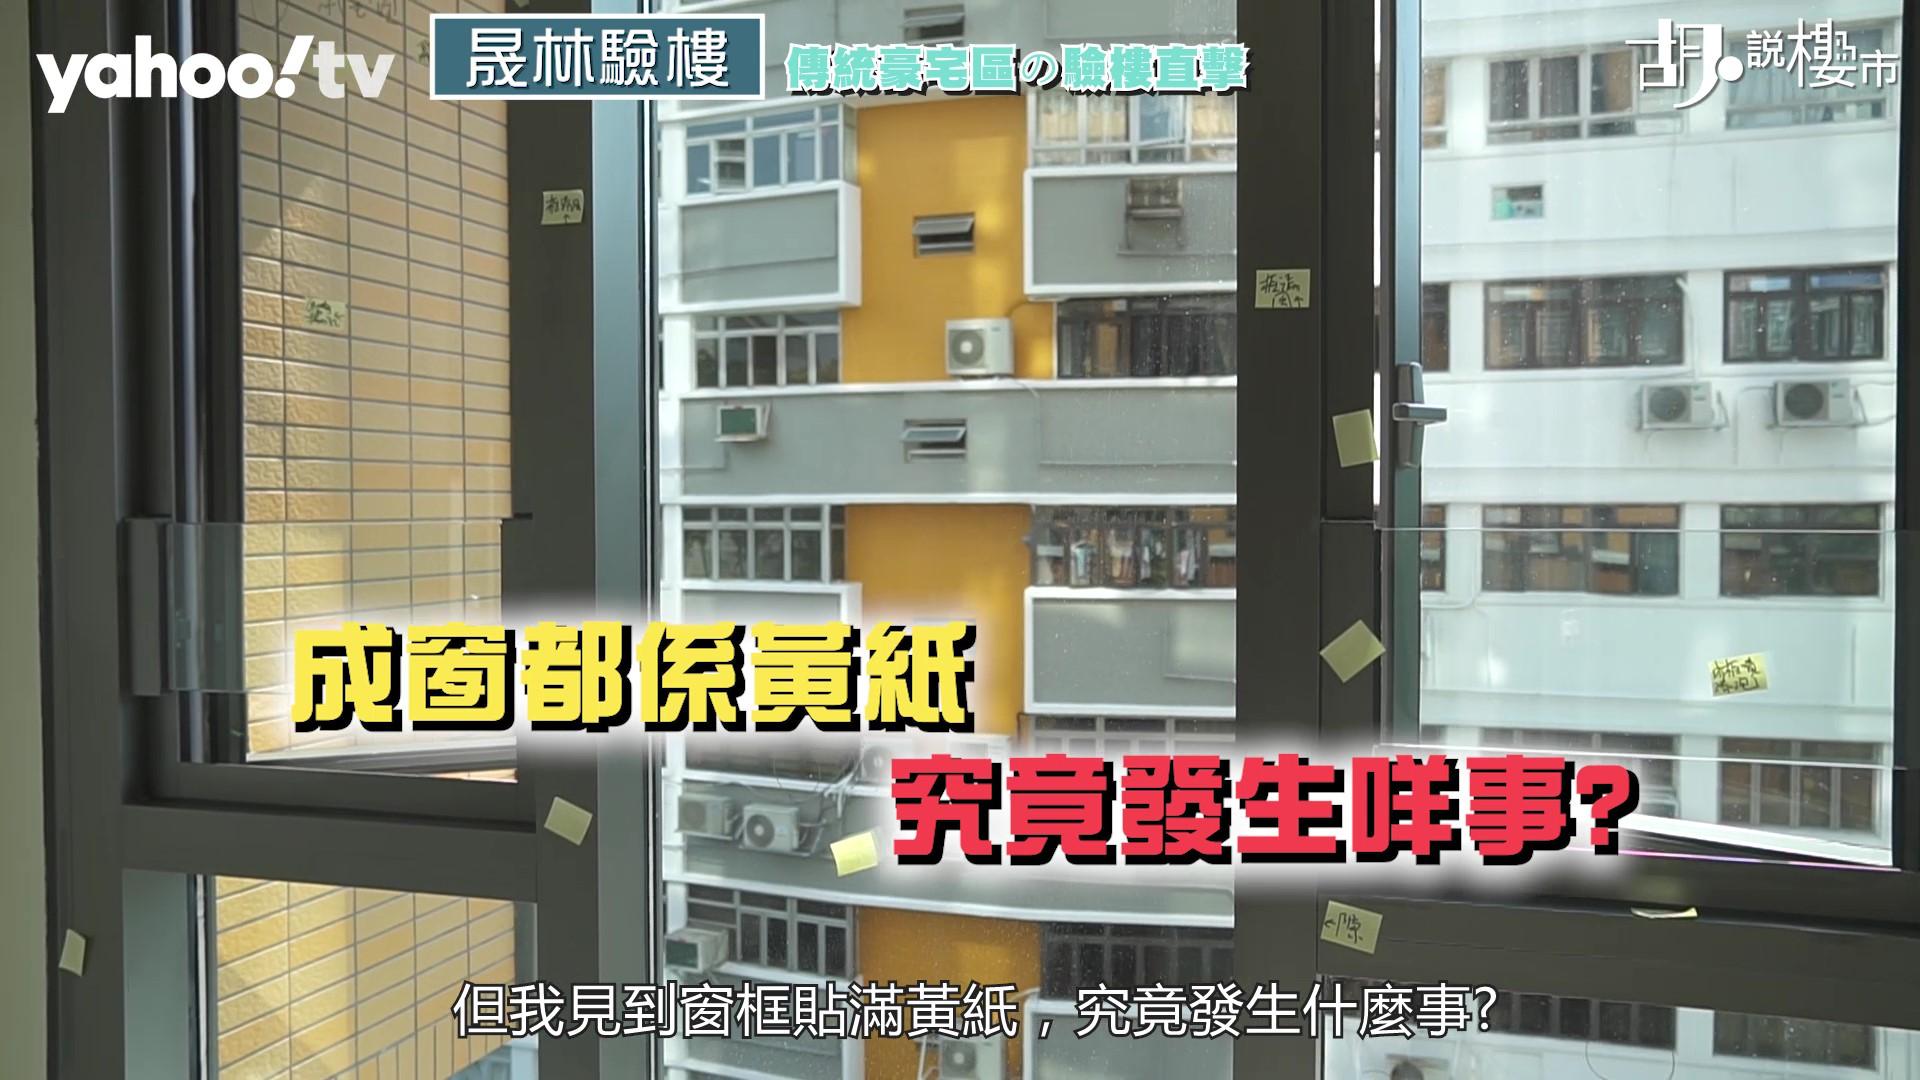 【胡.說樓市】600萬買到的九龍城豪宅盤 驗樓竟得53分……